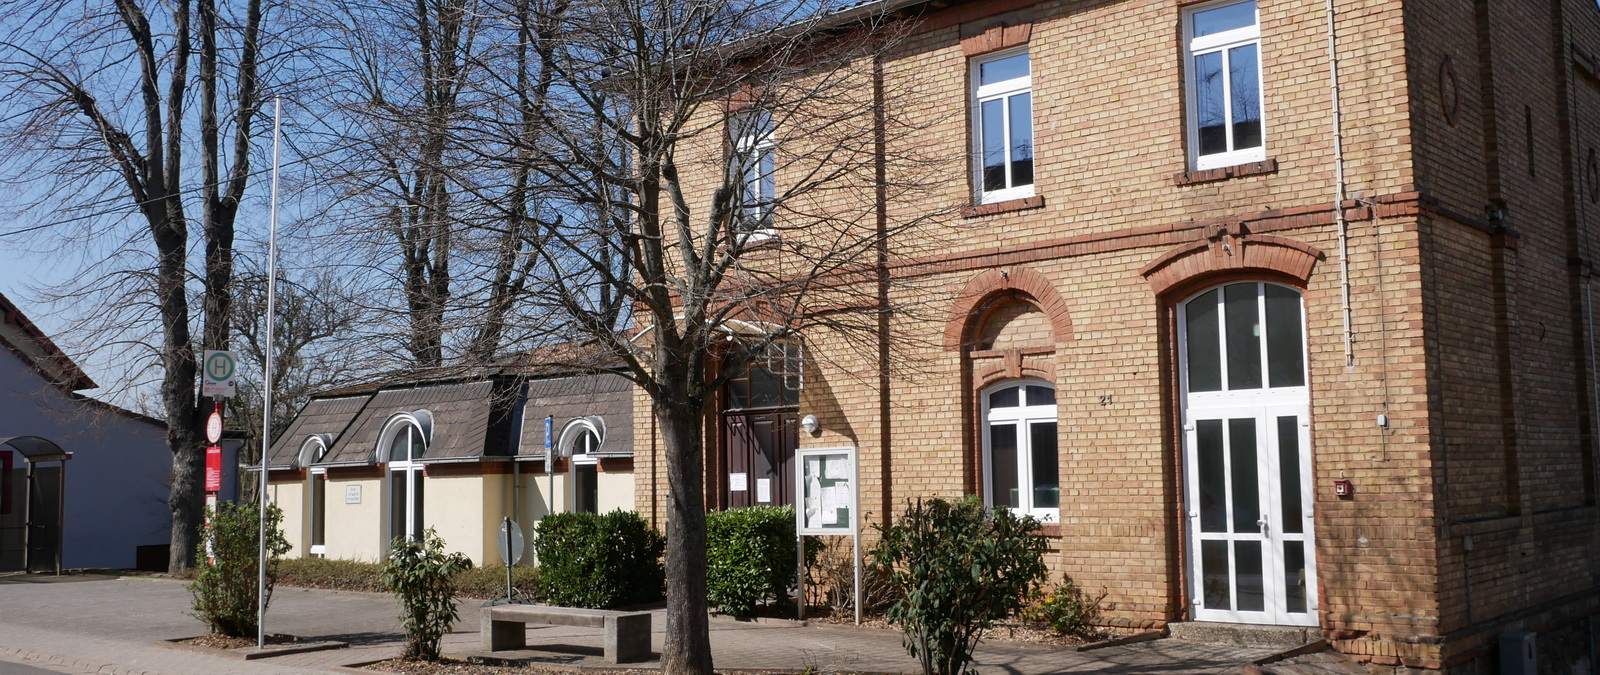 Gemeindebüro der Ortsgemeinde Dorsheim